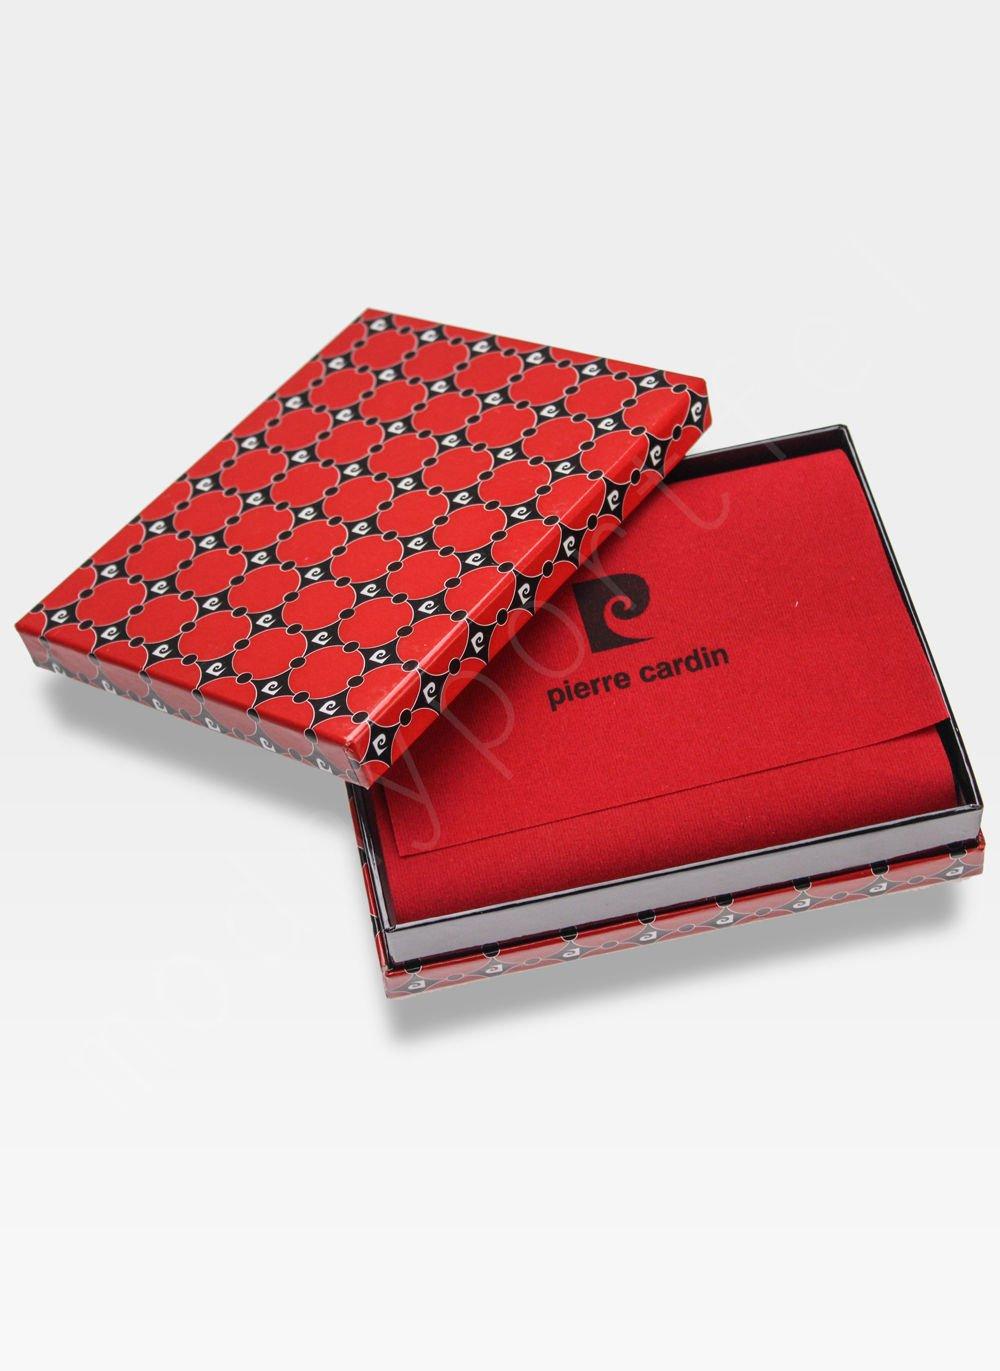 7c5ad0fb7ba05 Kliknij, aby powiększyć · Fajny portfel męski Desert Pierre Cardin Tilak26  326A Sahara RFID Kliknij, aby powiększyć